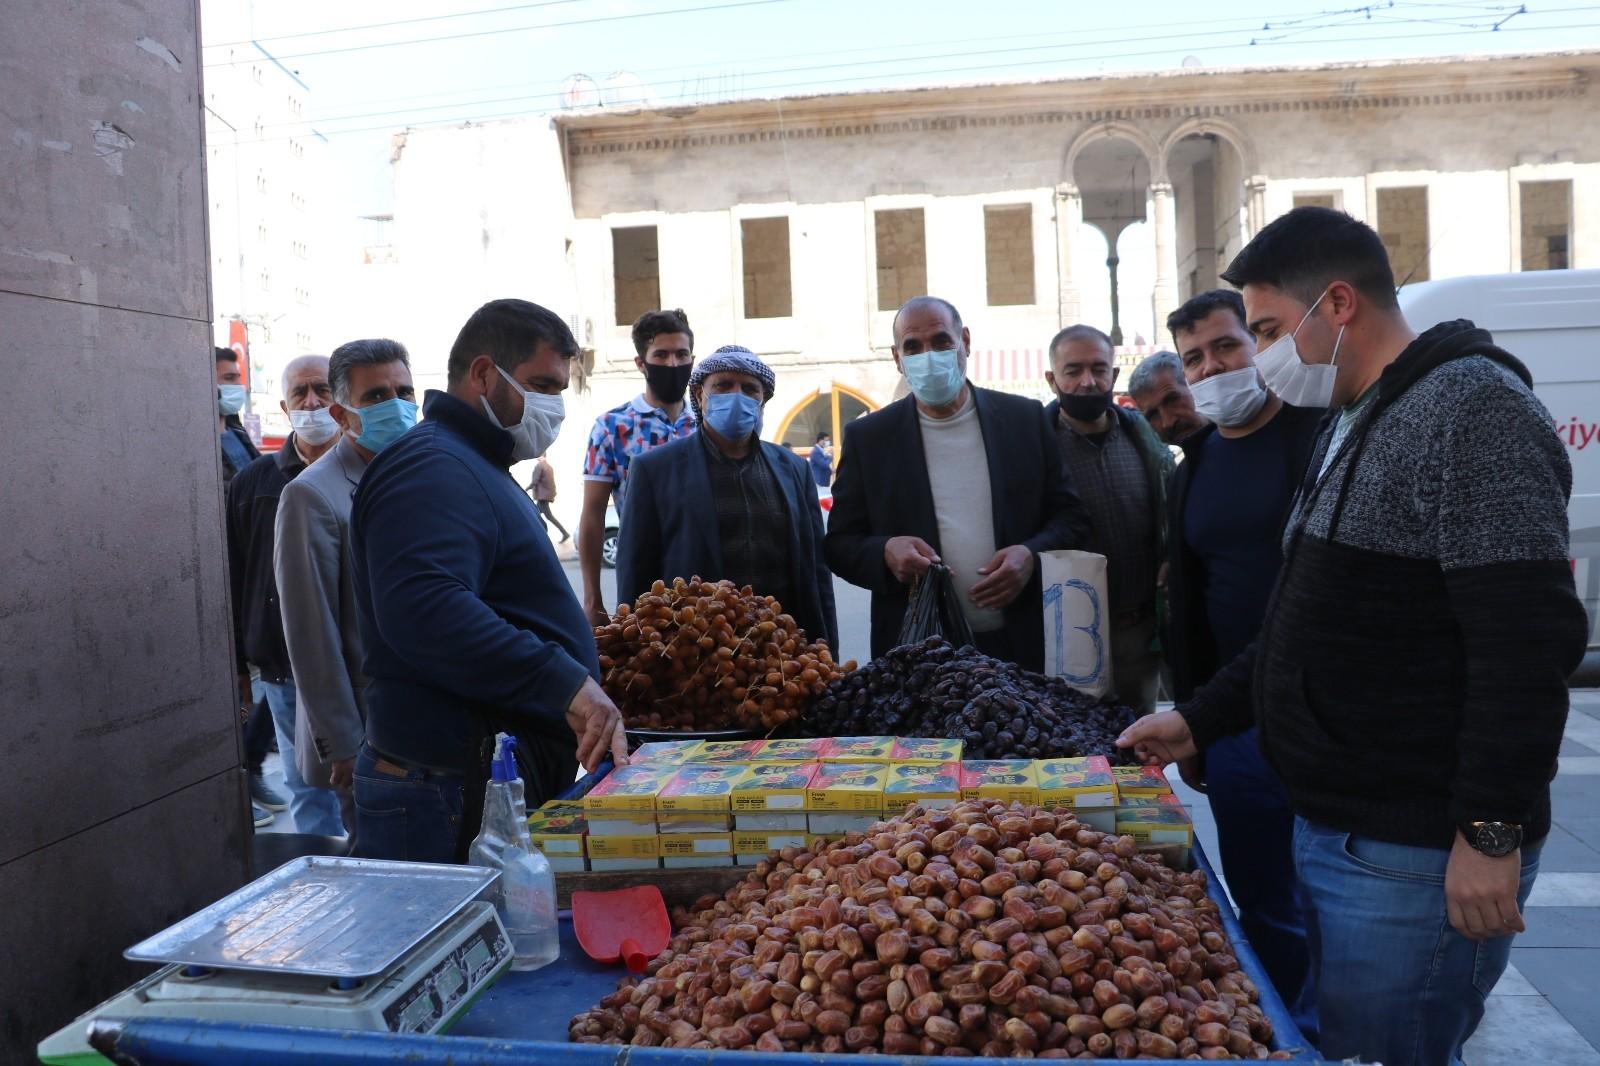 Ramazanın gelmesiyle hurma satışları tavan yaptı